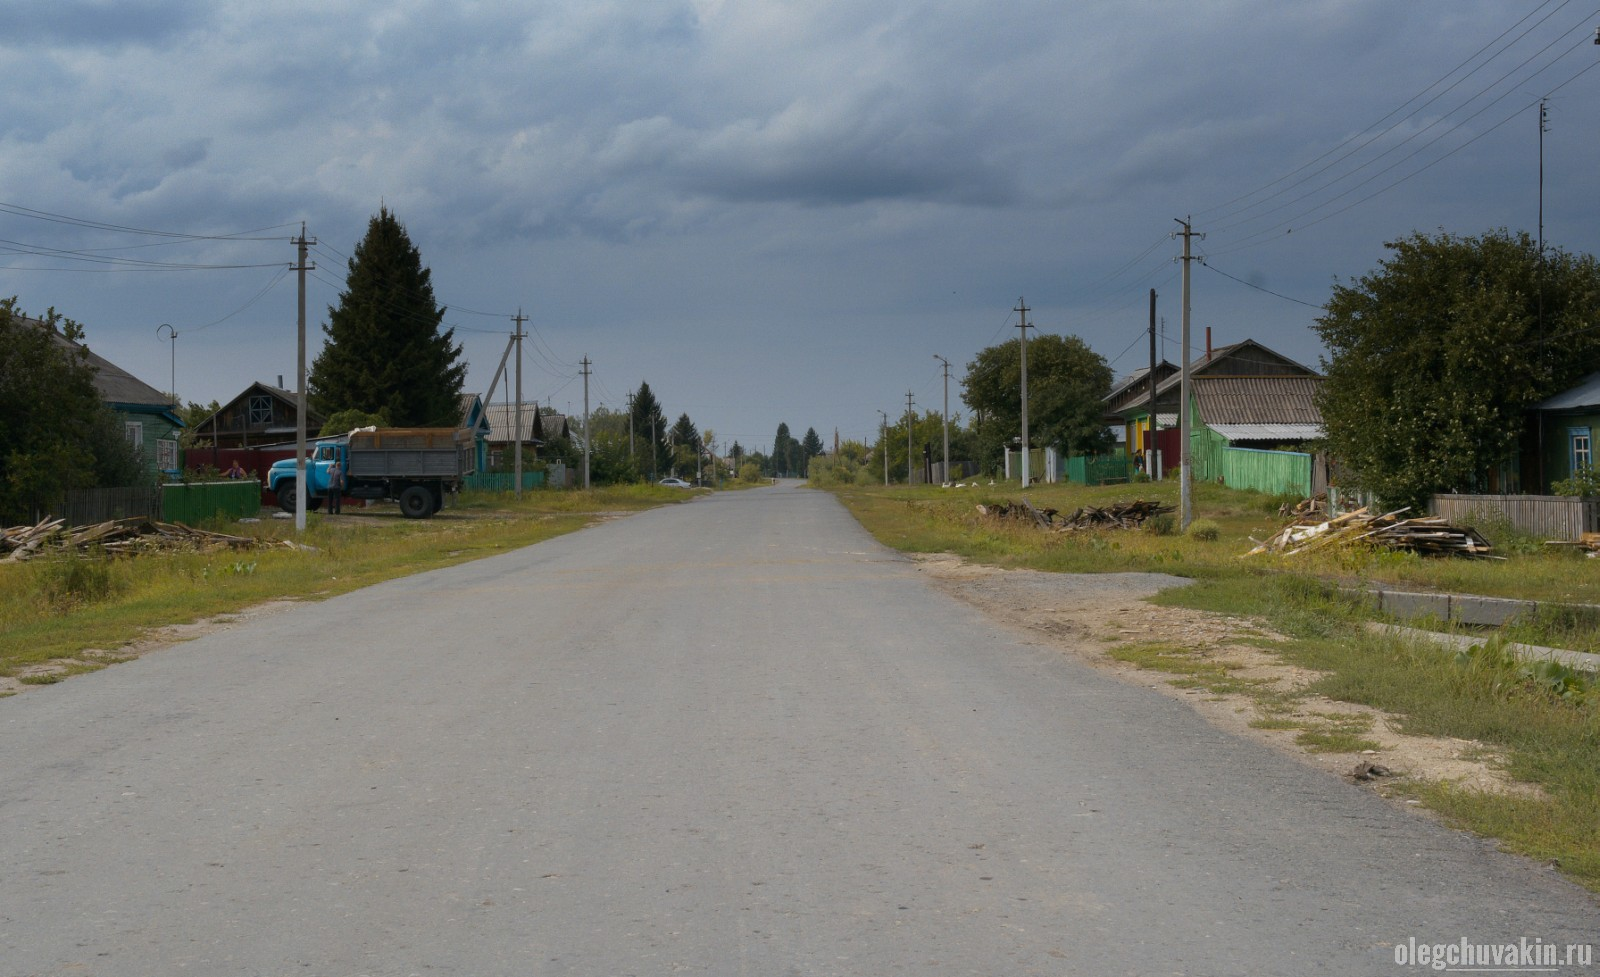 Пономарёво, село, деревня, Заводоуковский район, Тюменская область, фото